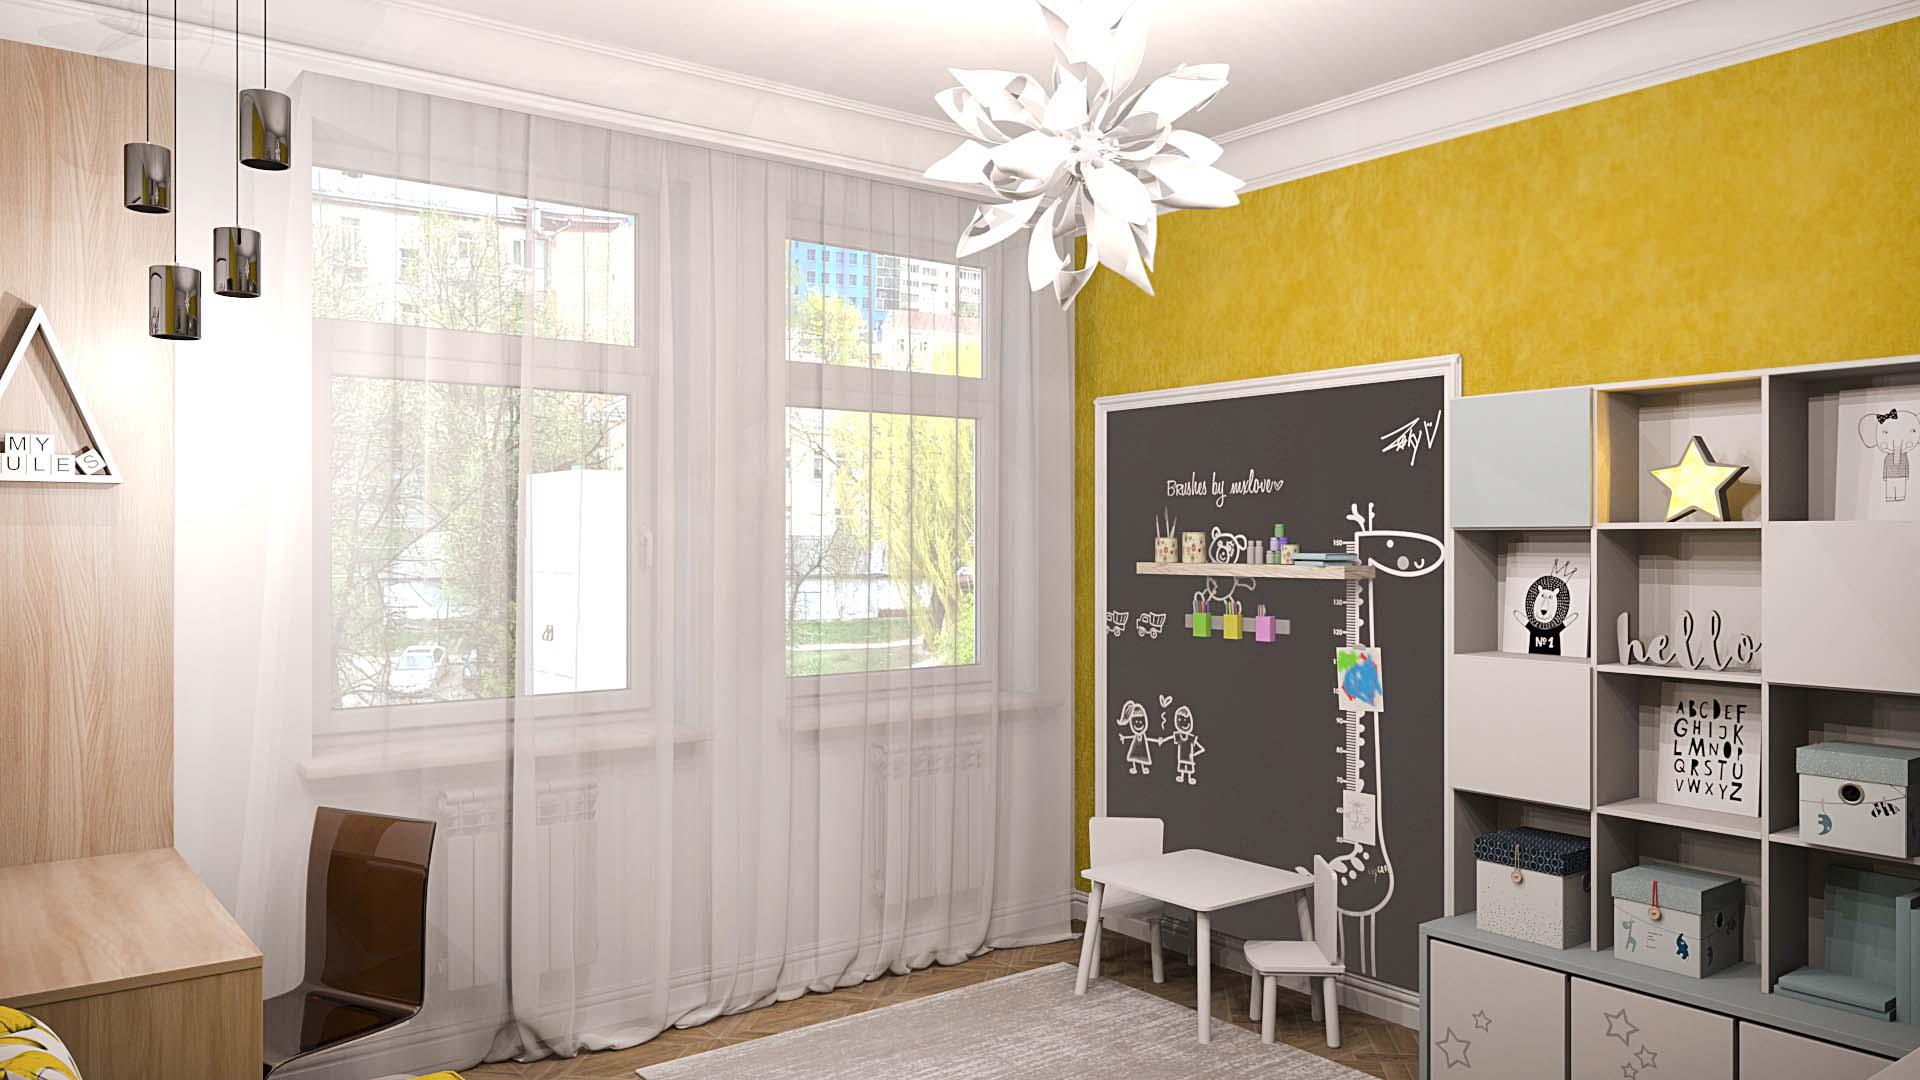 детская комната, детская доска на стене, дизайн детской, интерьер детской, детская в желтых цветах, диван в детской, обивка на стене в детской, детская для мальчика, детская для девочки